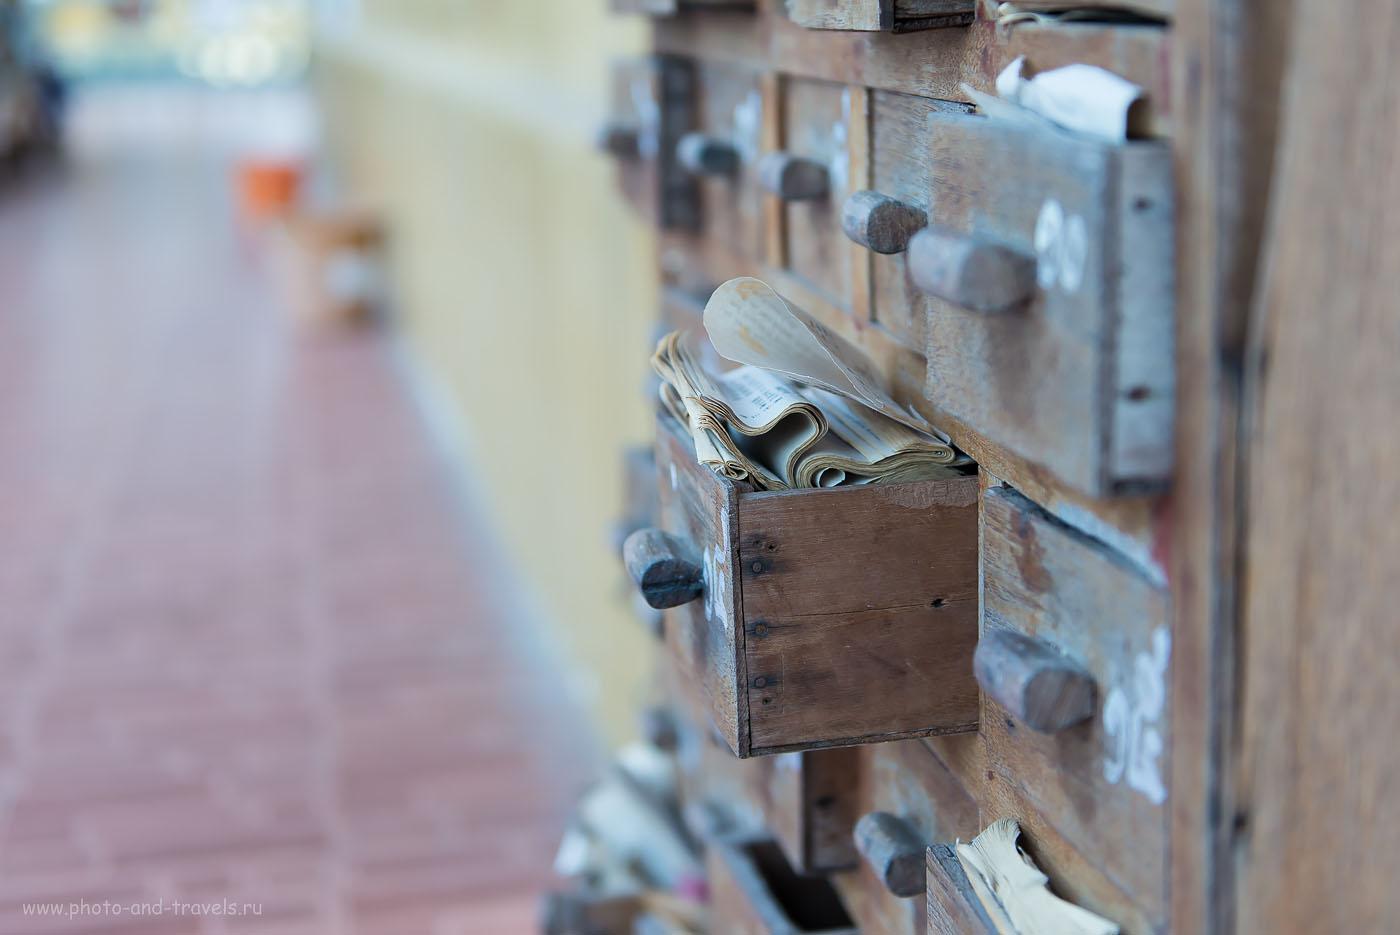 Фотография 23. Наверное, ящик для пожеланий... Поездка по интересным местам в окрестностях Хуахина.